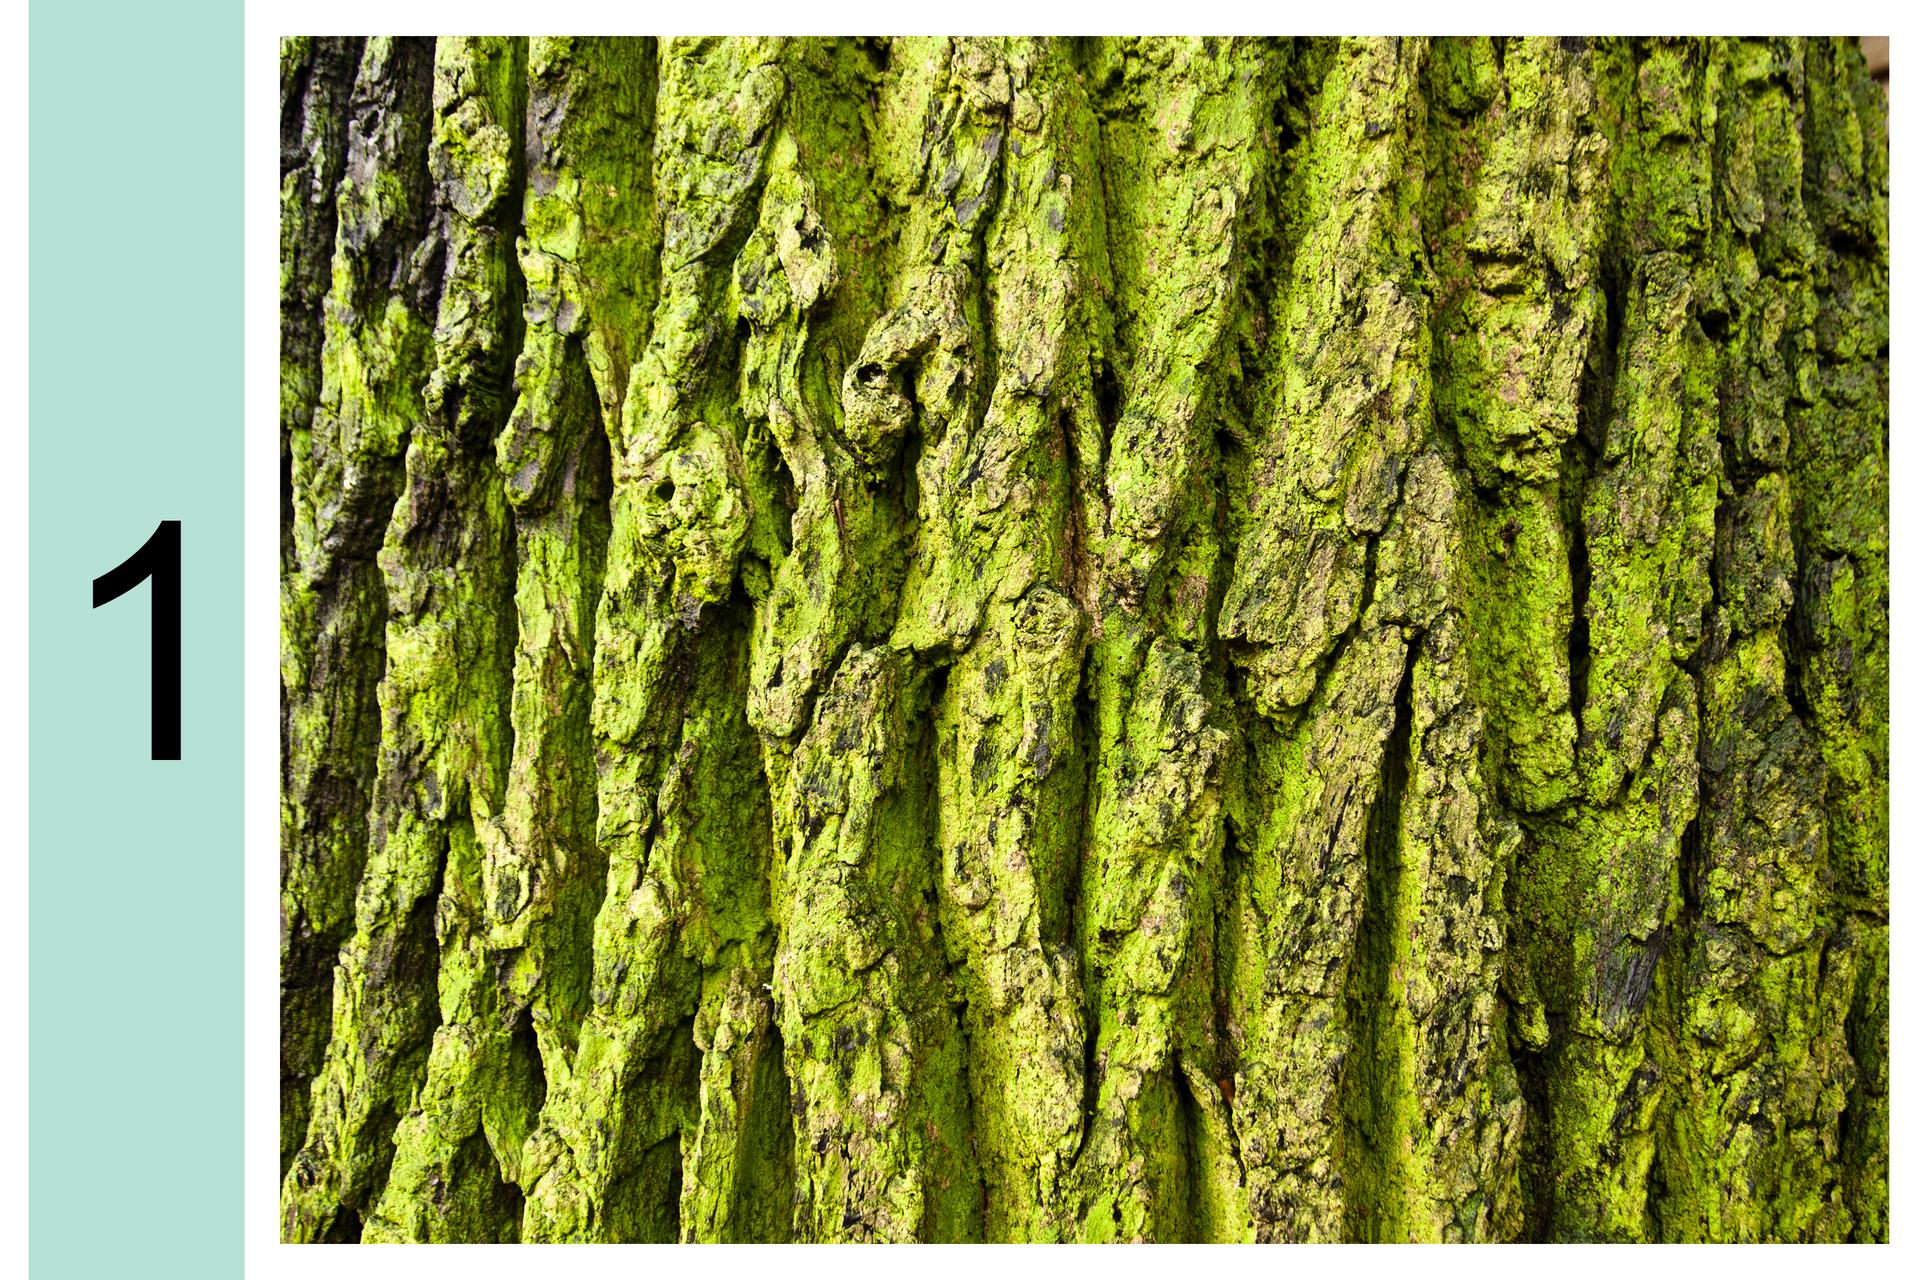 Fotografia przedstawia zbliżenie pnia drzewa. Zlewej cyfra 1. Na korze widoczny zielony nalot glonów. Oznacza to, że powietrze jest bardzo silnie zanieczyszczone.